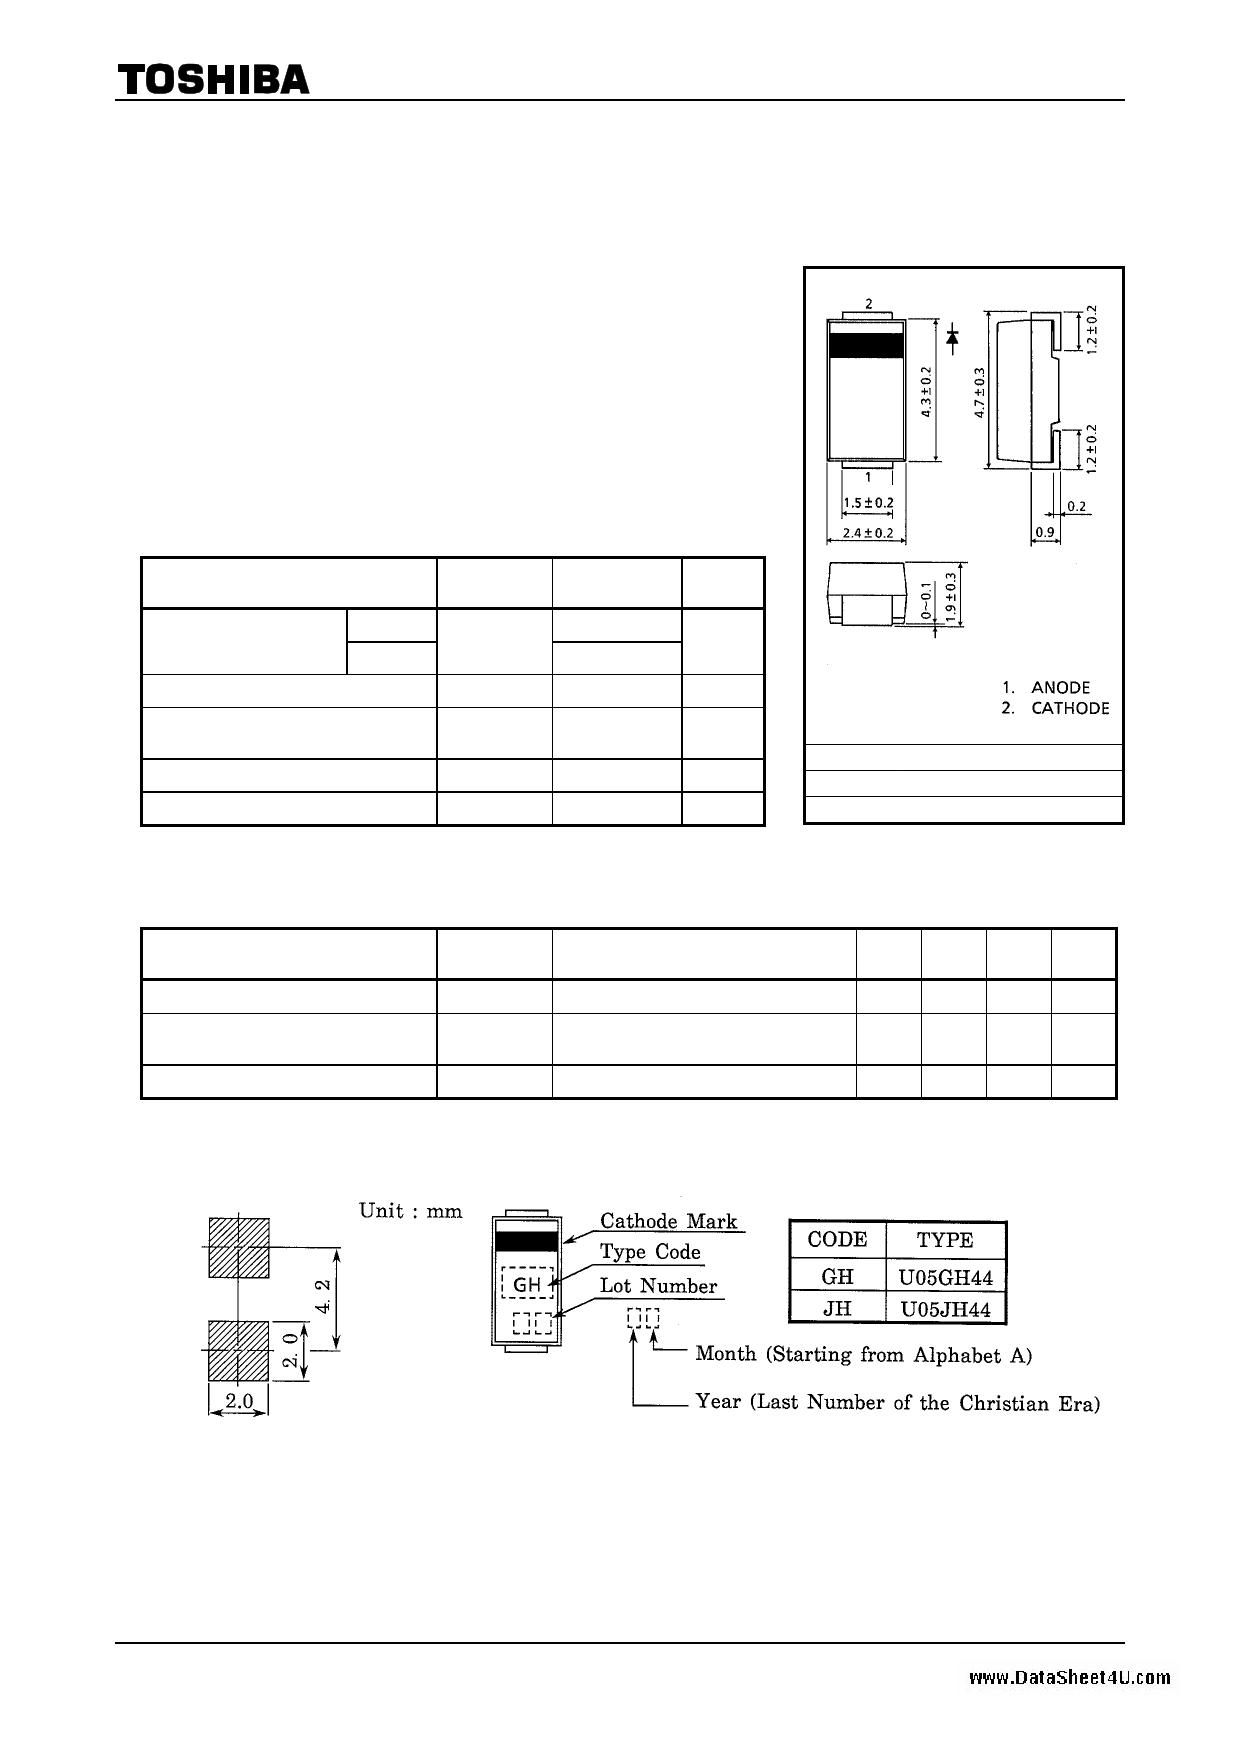 U05GH44 datasheet